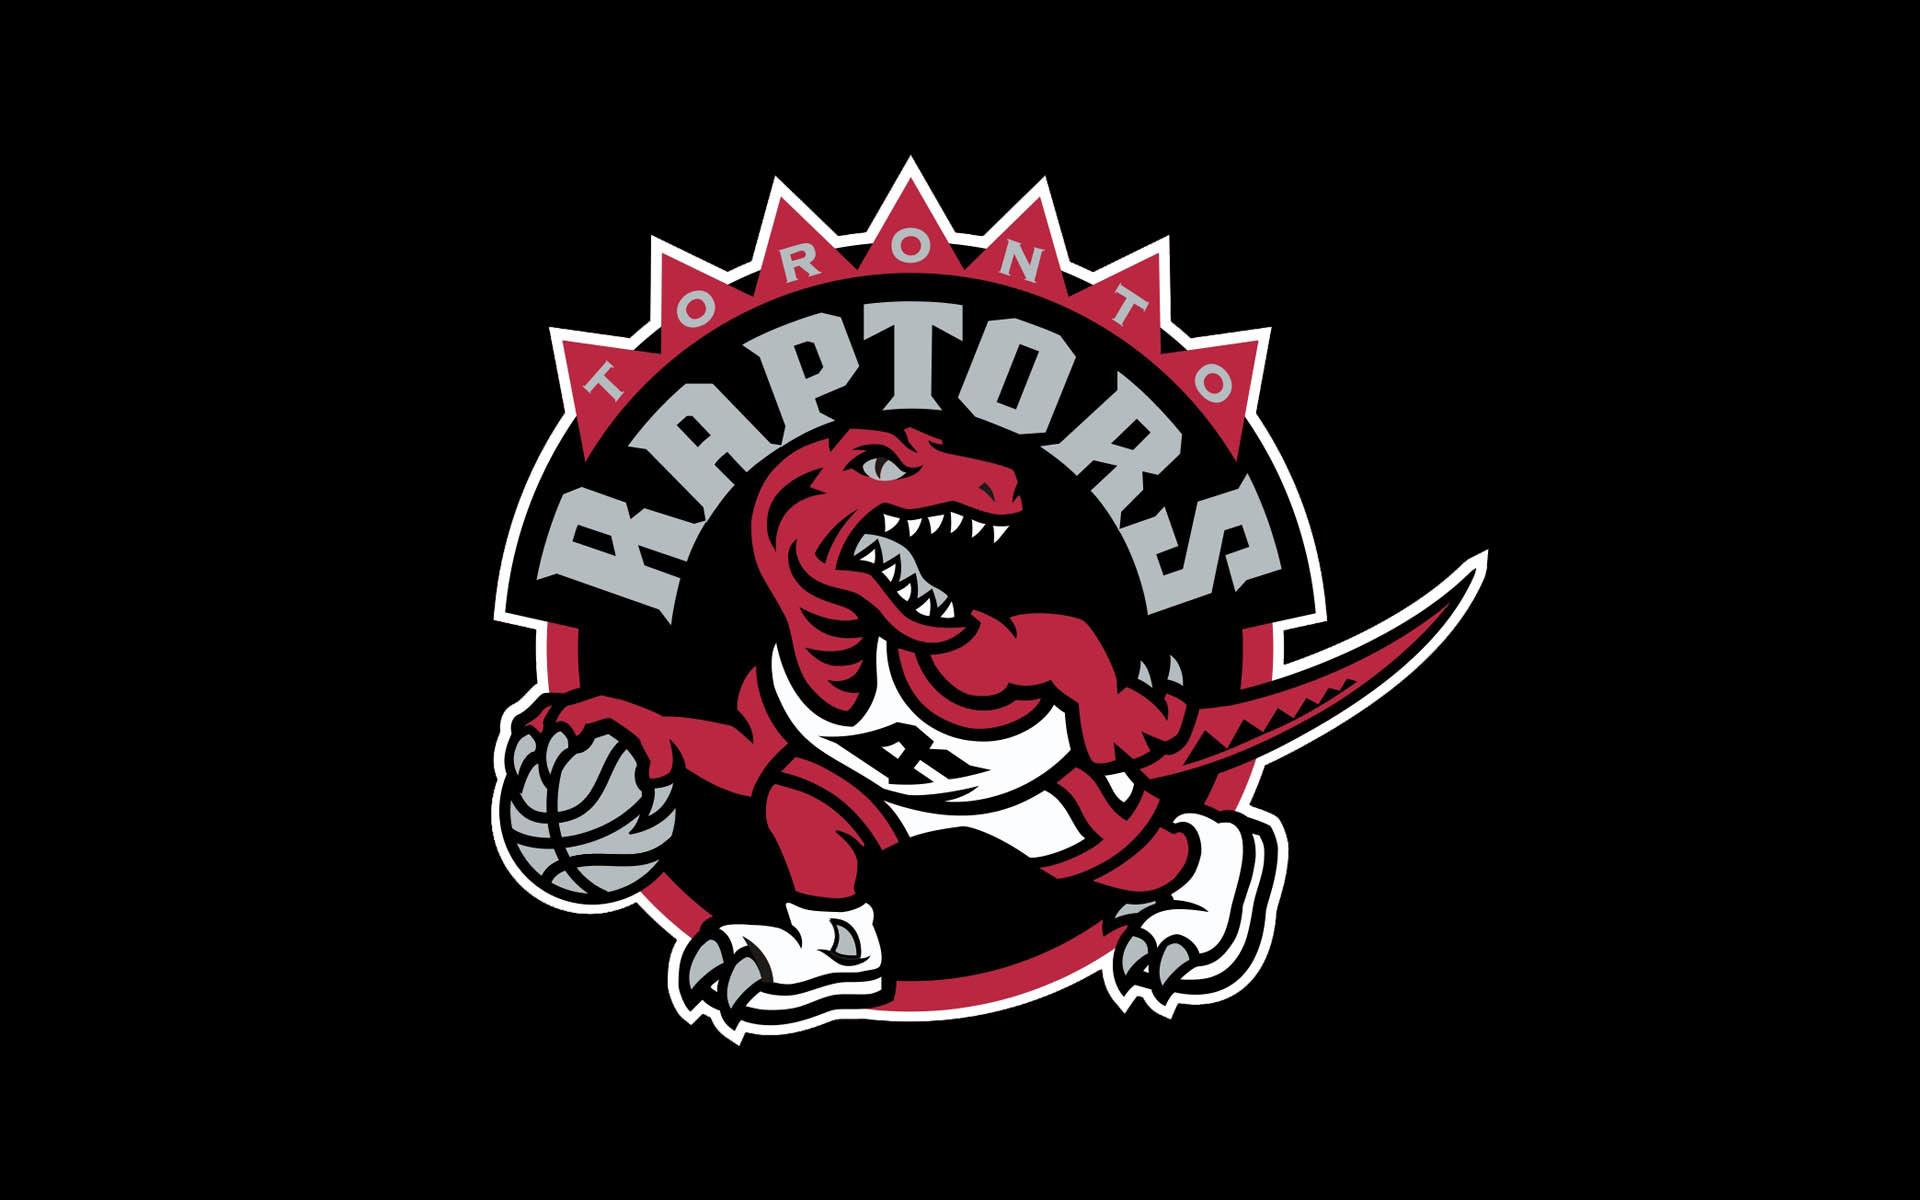 2 HD Toronto Raptors Wallpapers